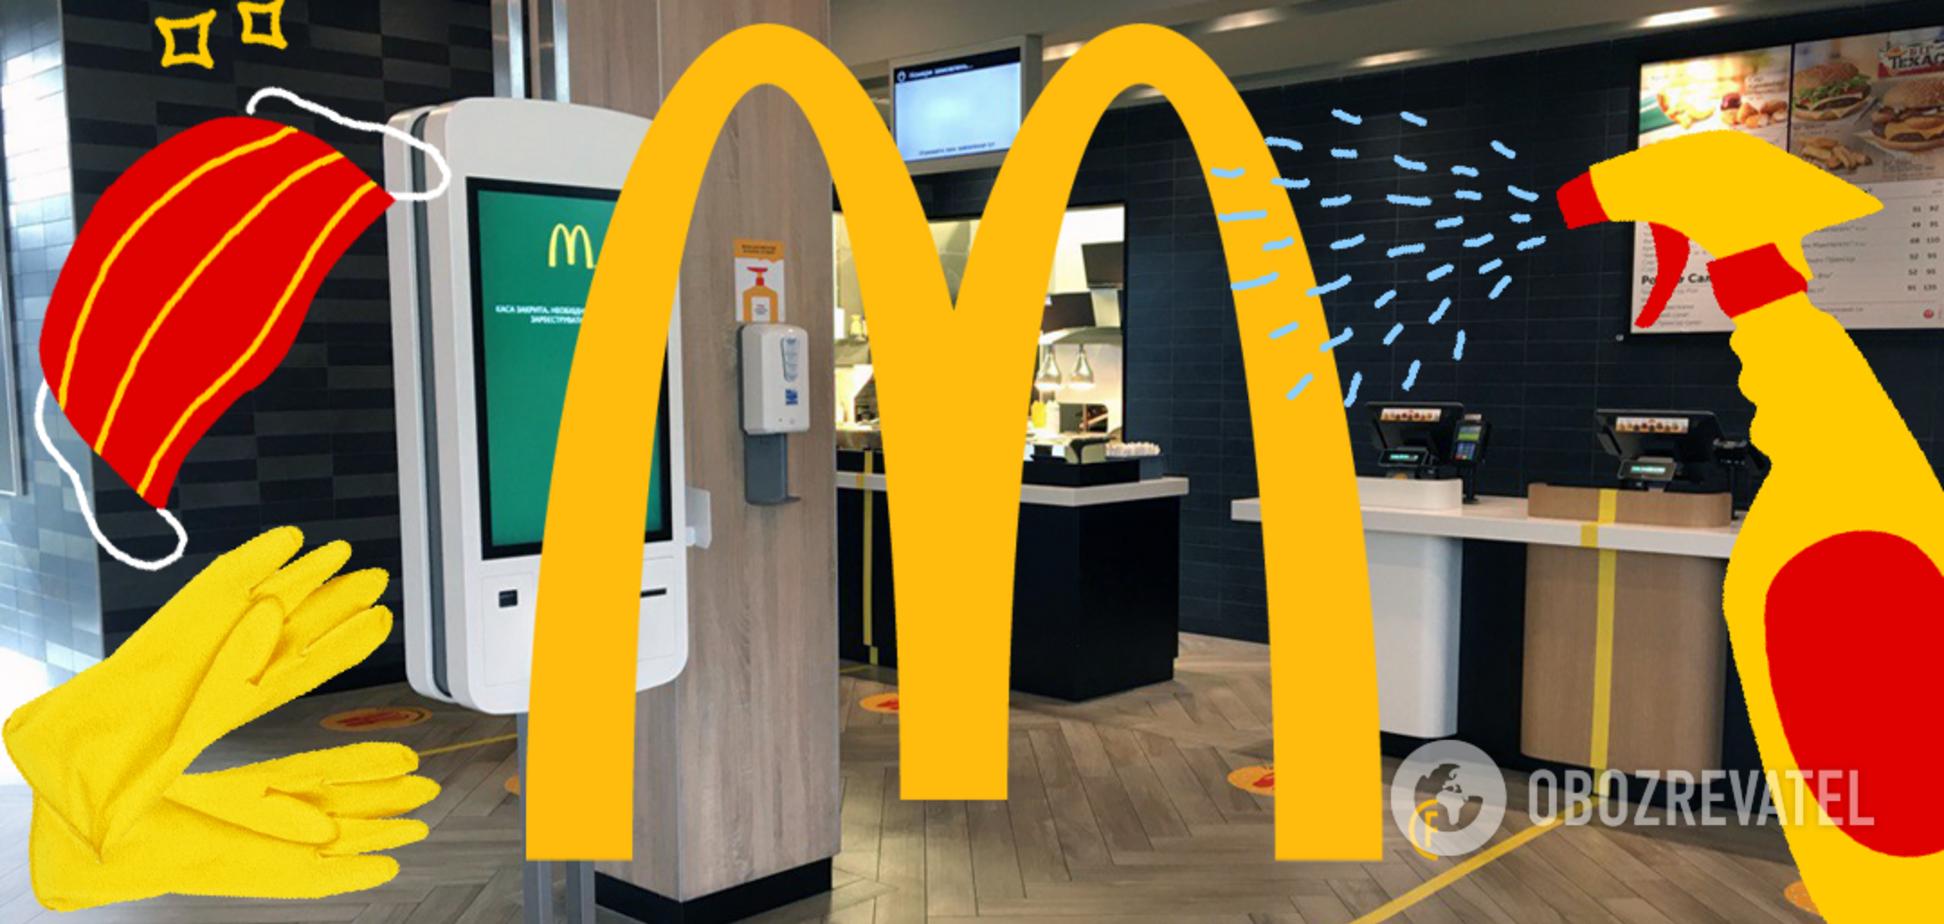 Дезінфекція та безконтактні замовлення: як МакДональдз підготувався до відкриття залів ресторанів